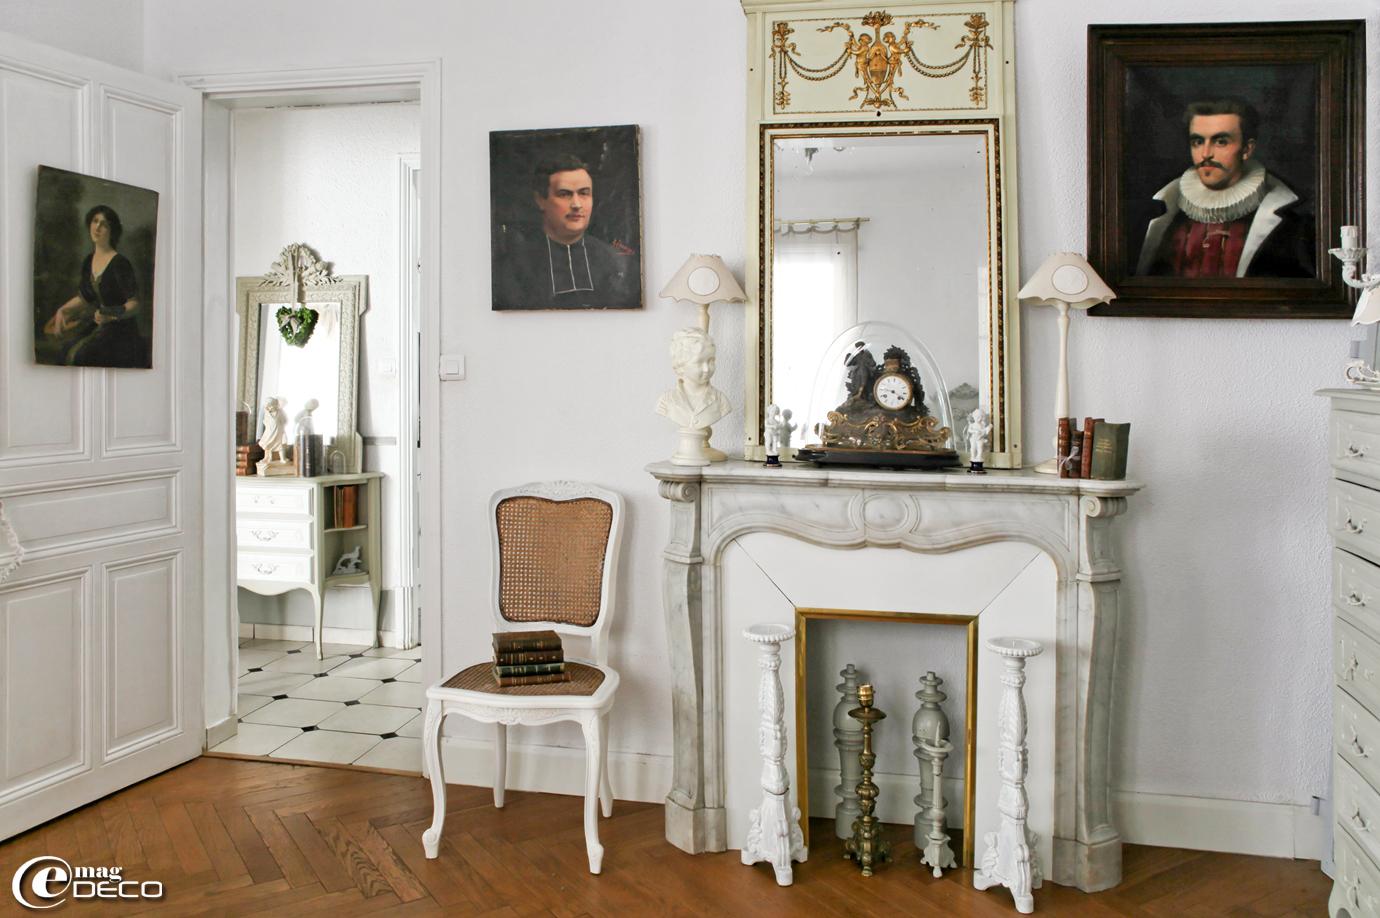 Posés sur une cheminée en marbre d'époque, un trumeau chiné à la brocante de Codognan et une pendule de style Napoléon III sous un globe en verre chinée à l'Hôtel Drouot à Paris